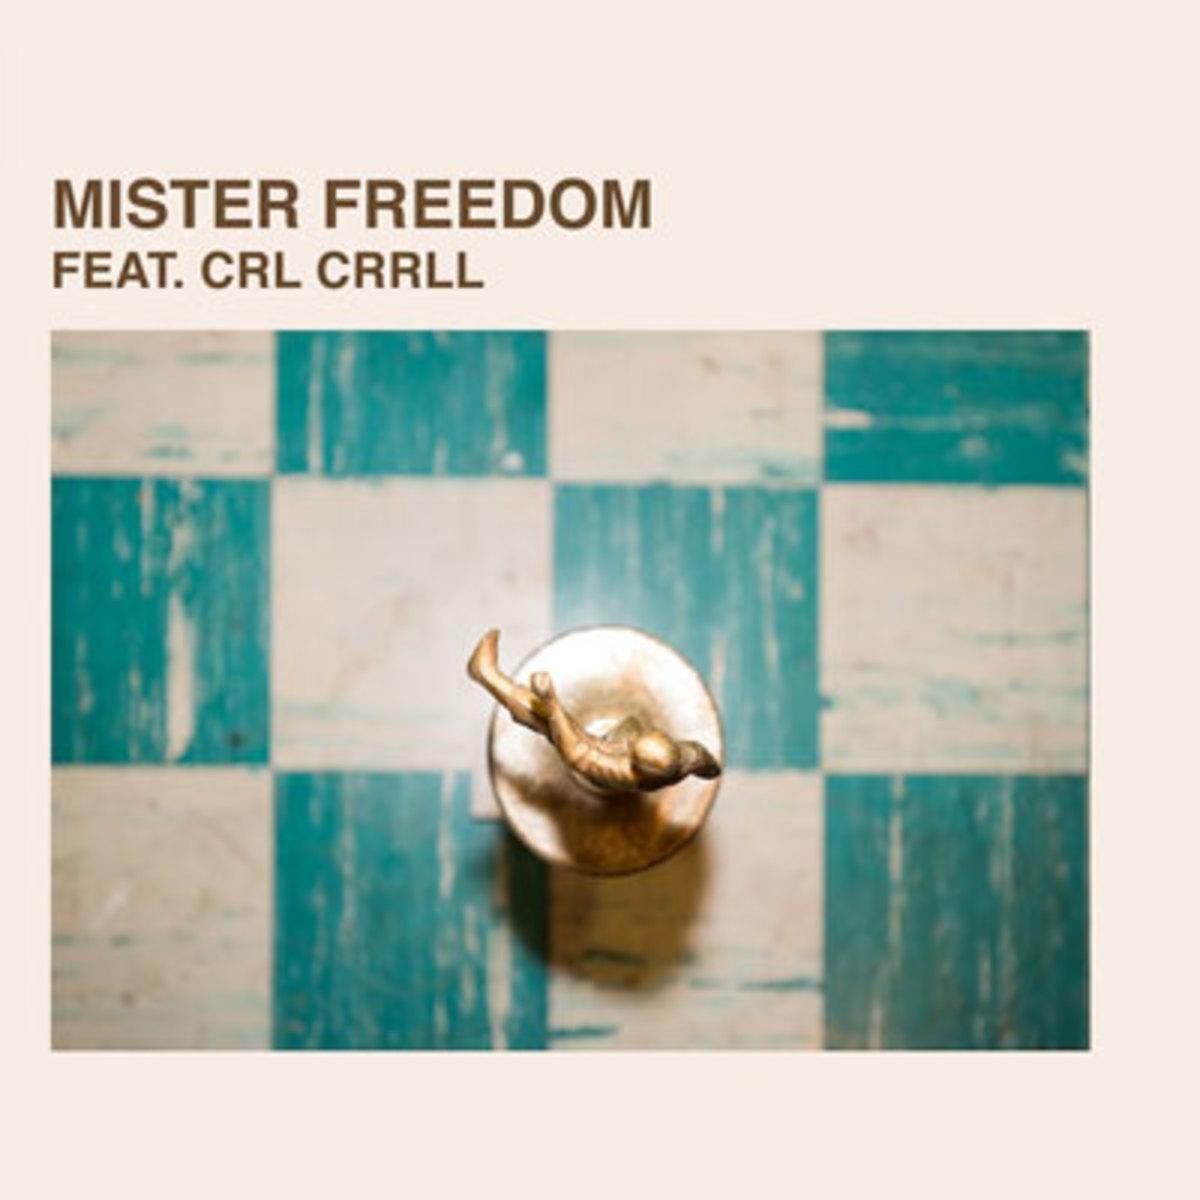 mister-freedom-mister-freedom.jpg